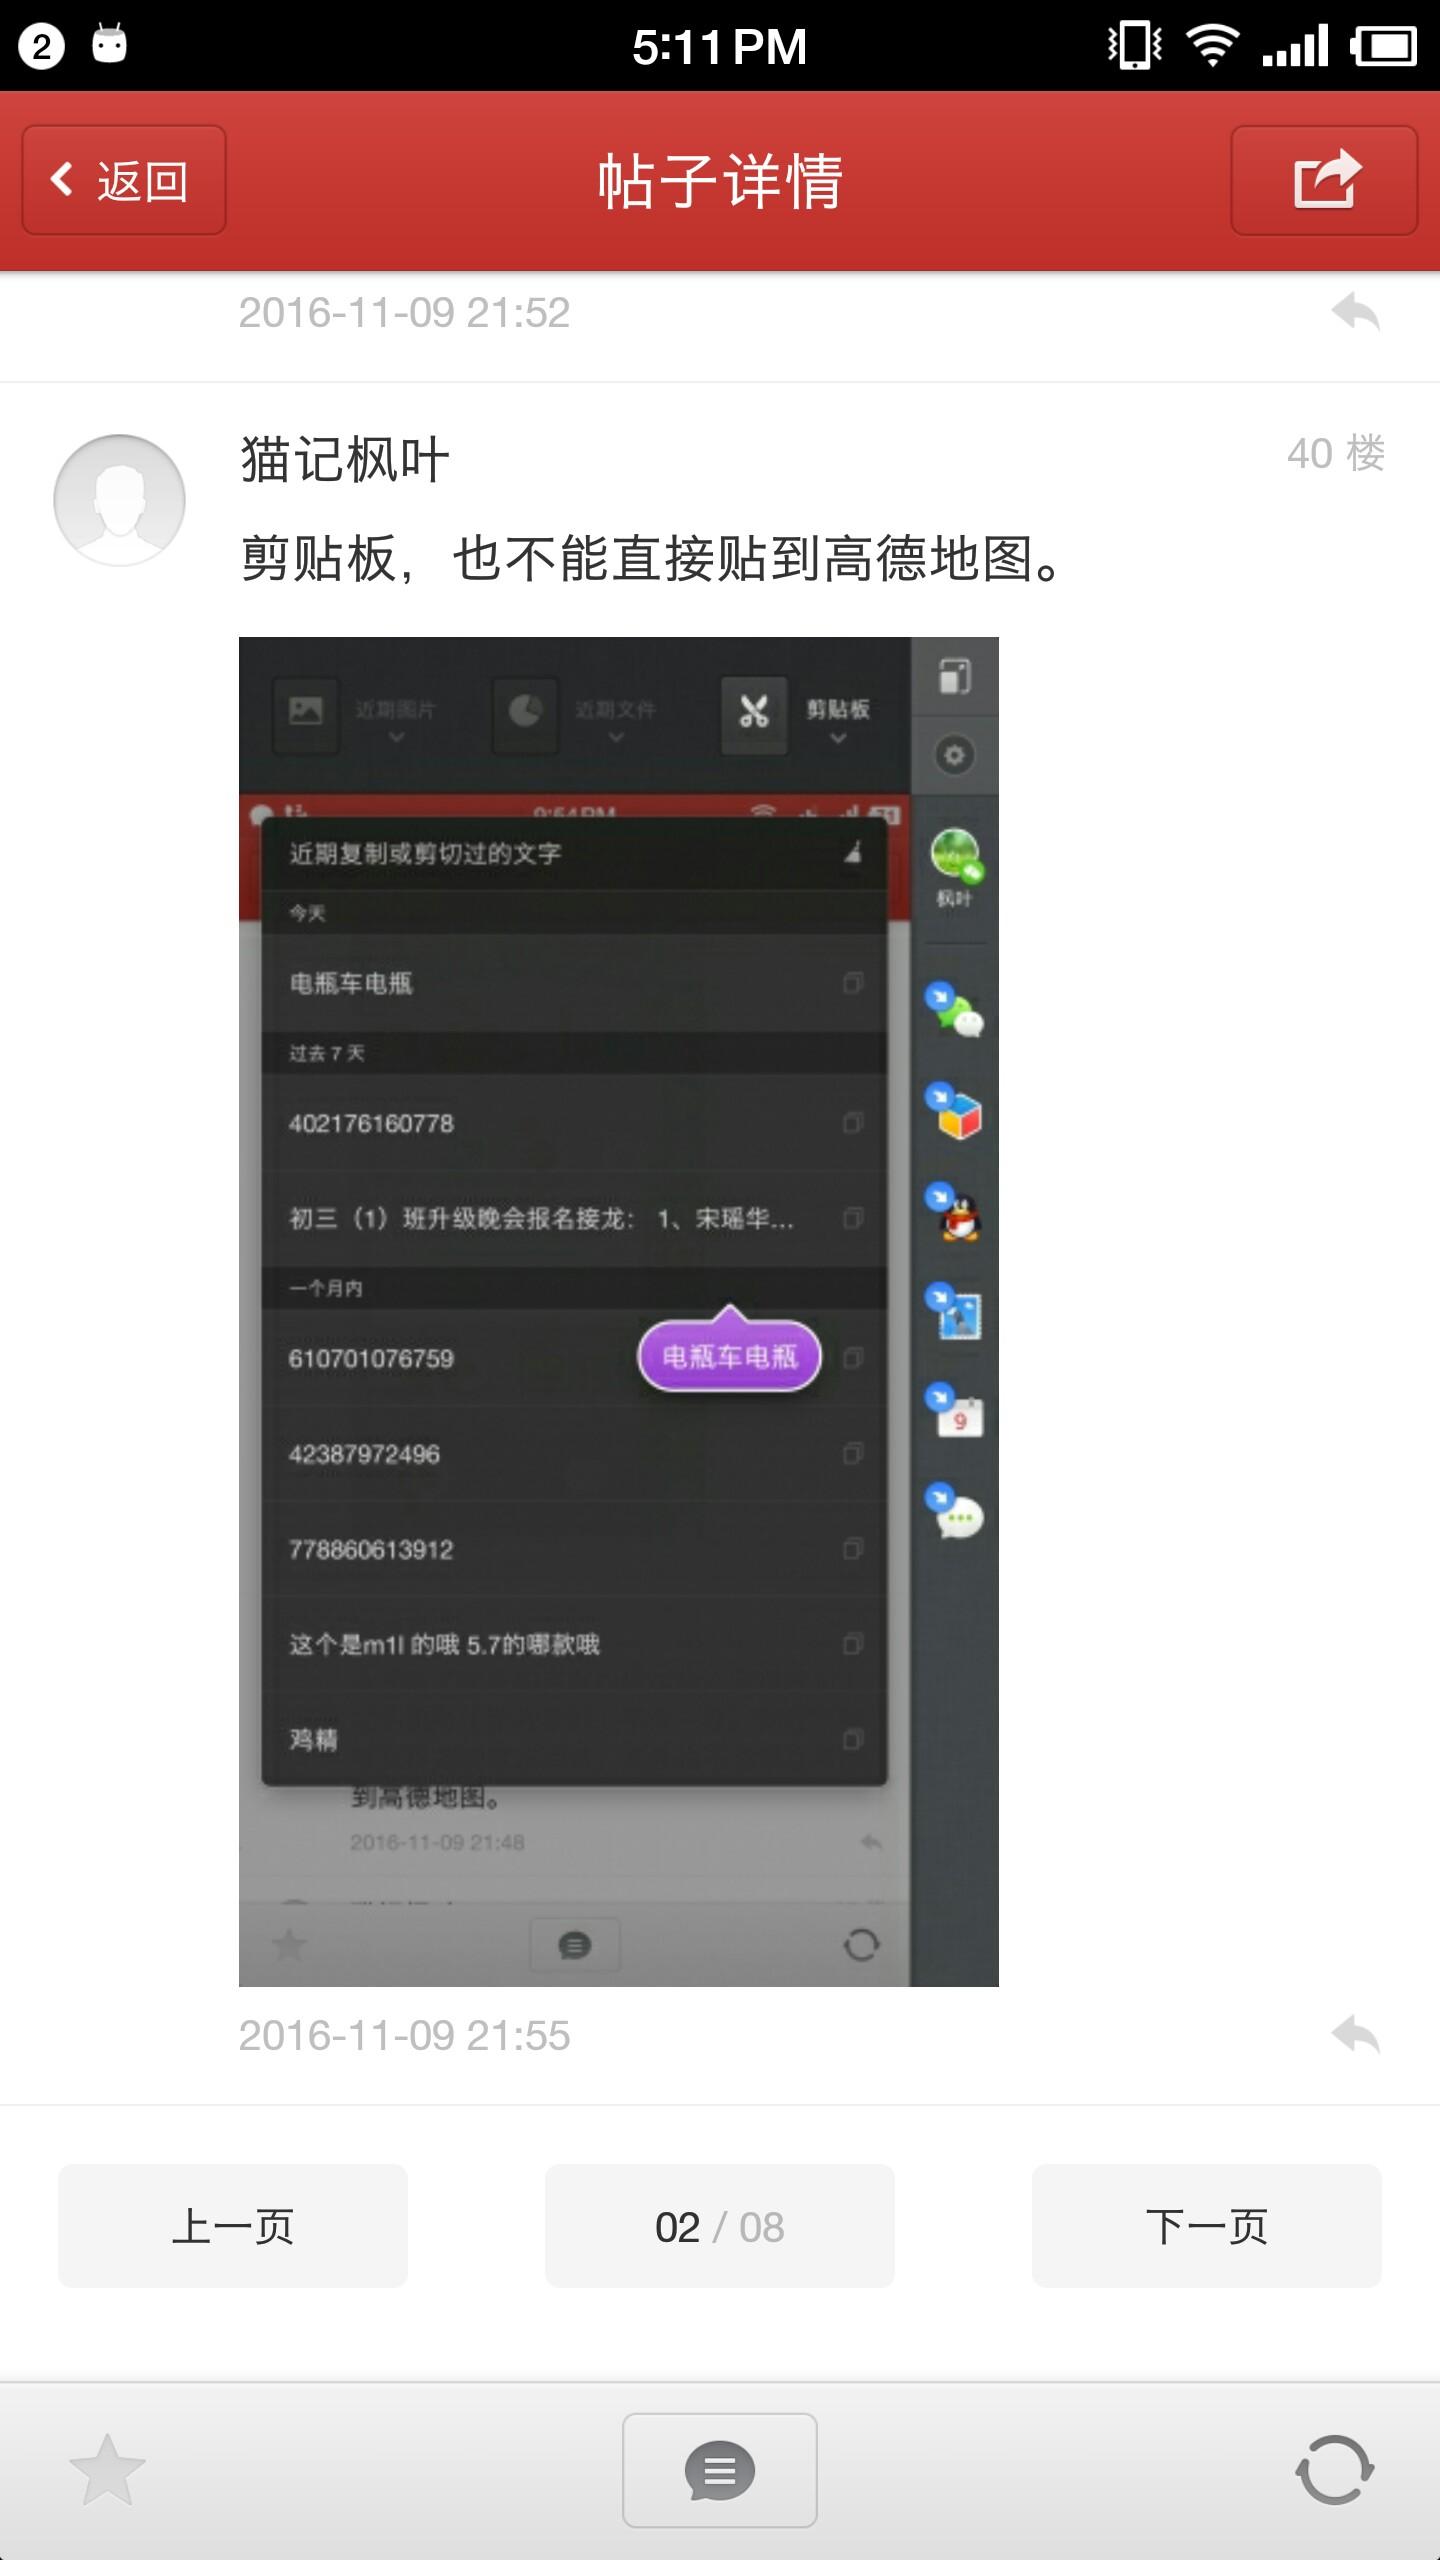 Screenshot_2017-02-08-17-11-16-757_??????_compress.png